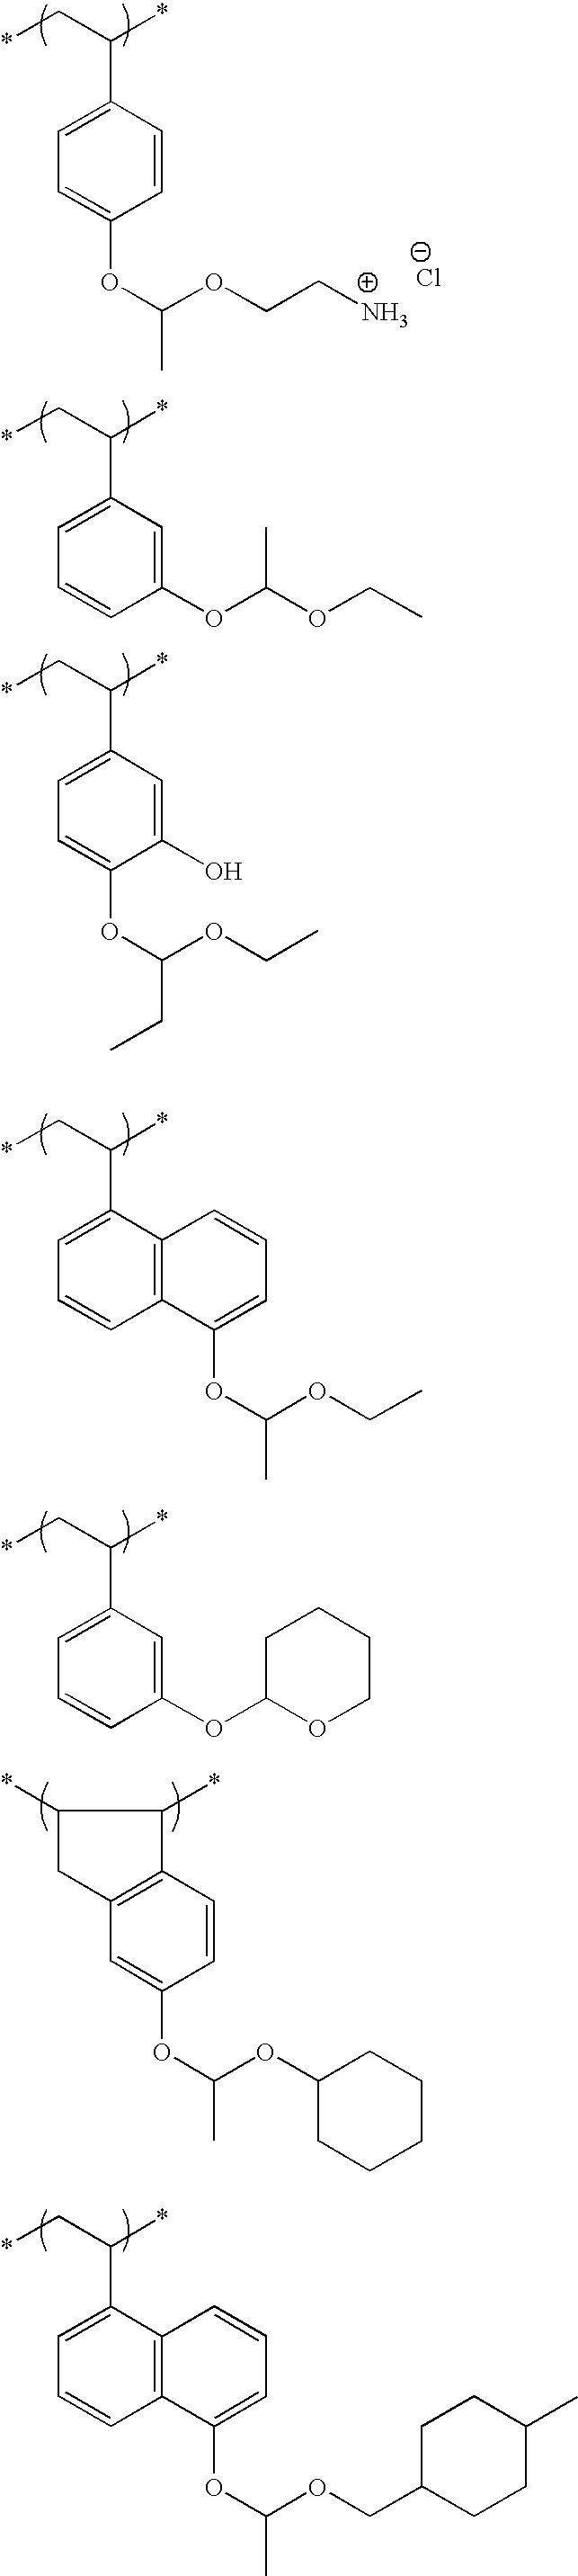 Figure US20100183975A1-20100722-C00097